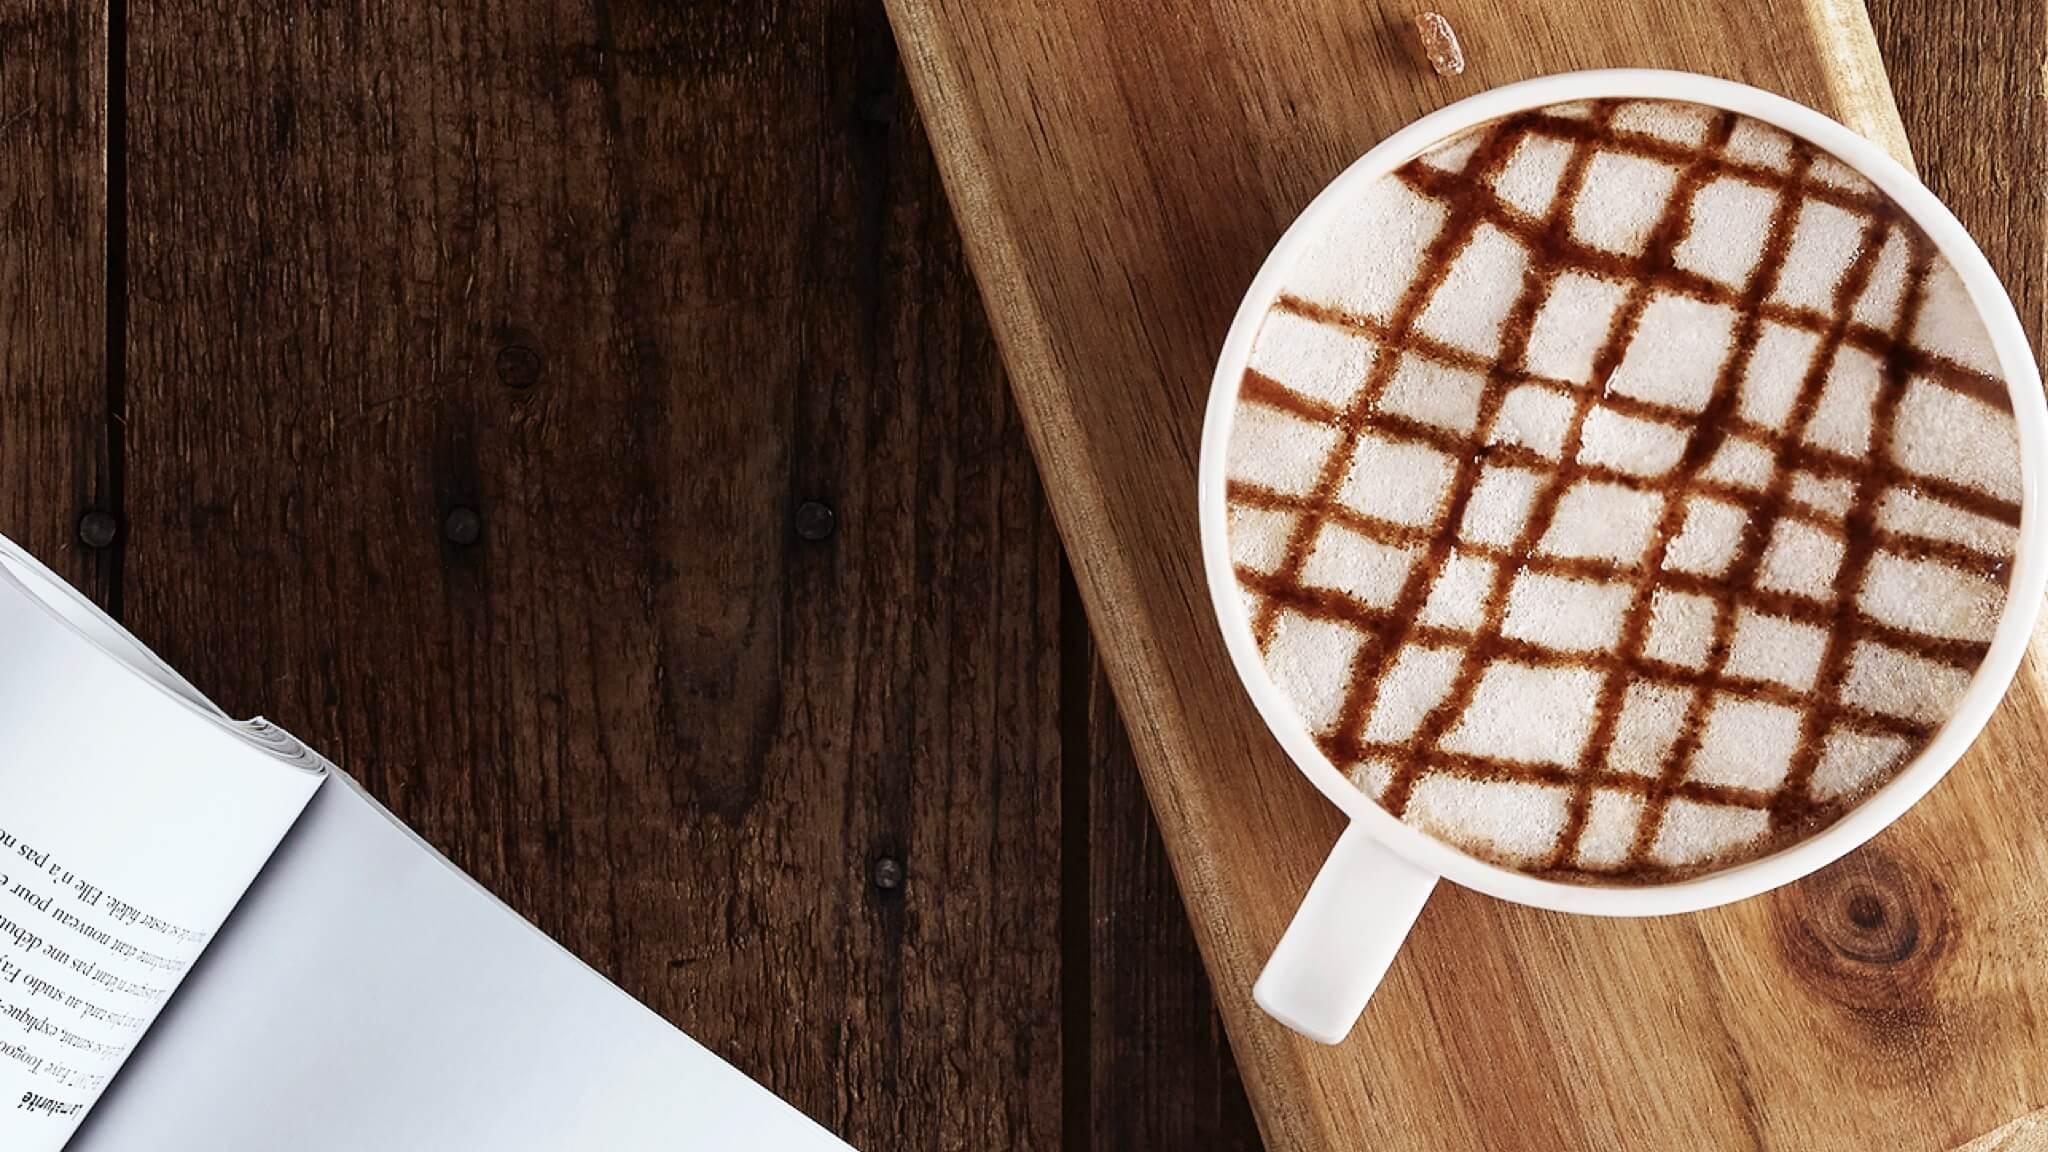 J'aime un café bien mousseux